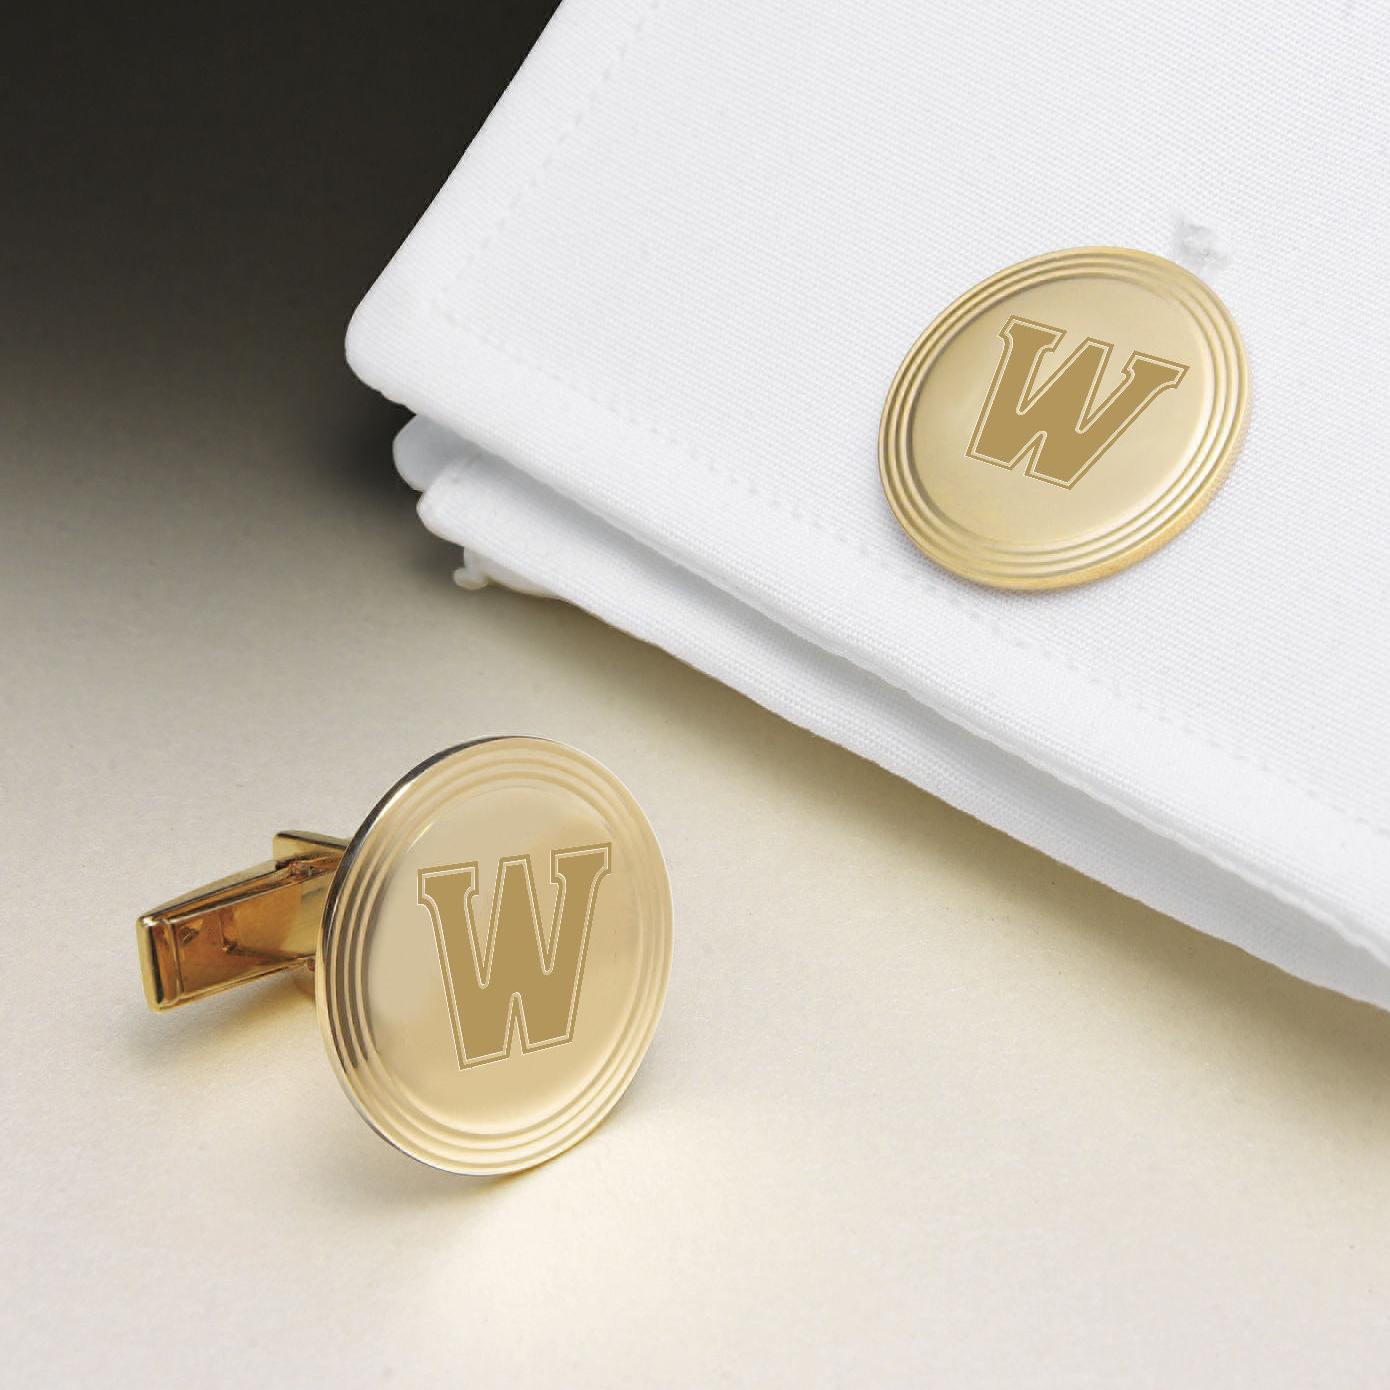 Williams College 18K Gold Cufflinks